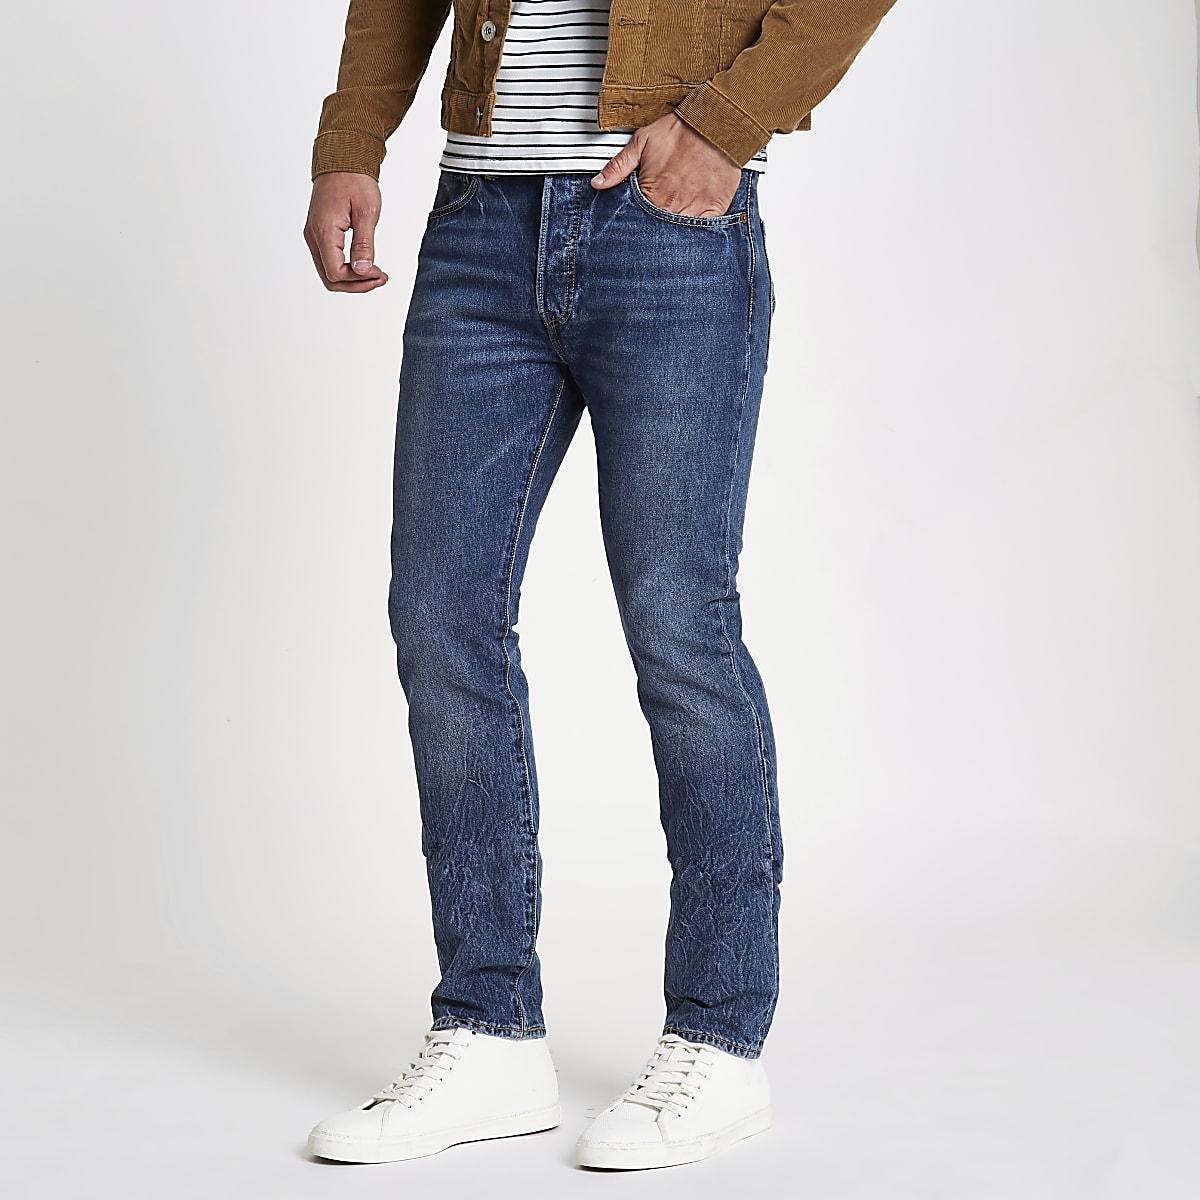 d3e44f4a673 Levi's blue 501 skinny jeans